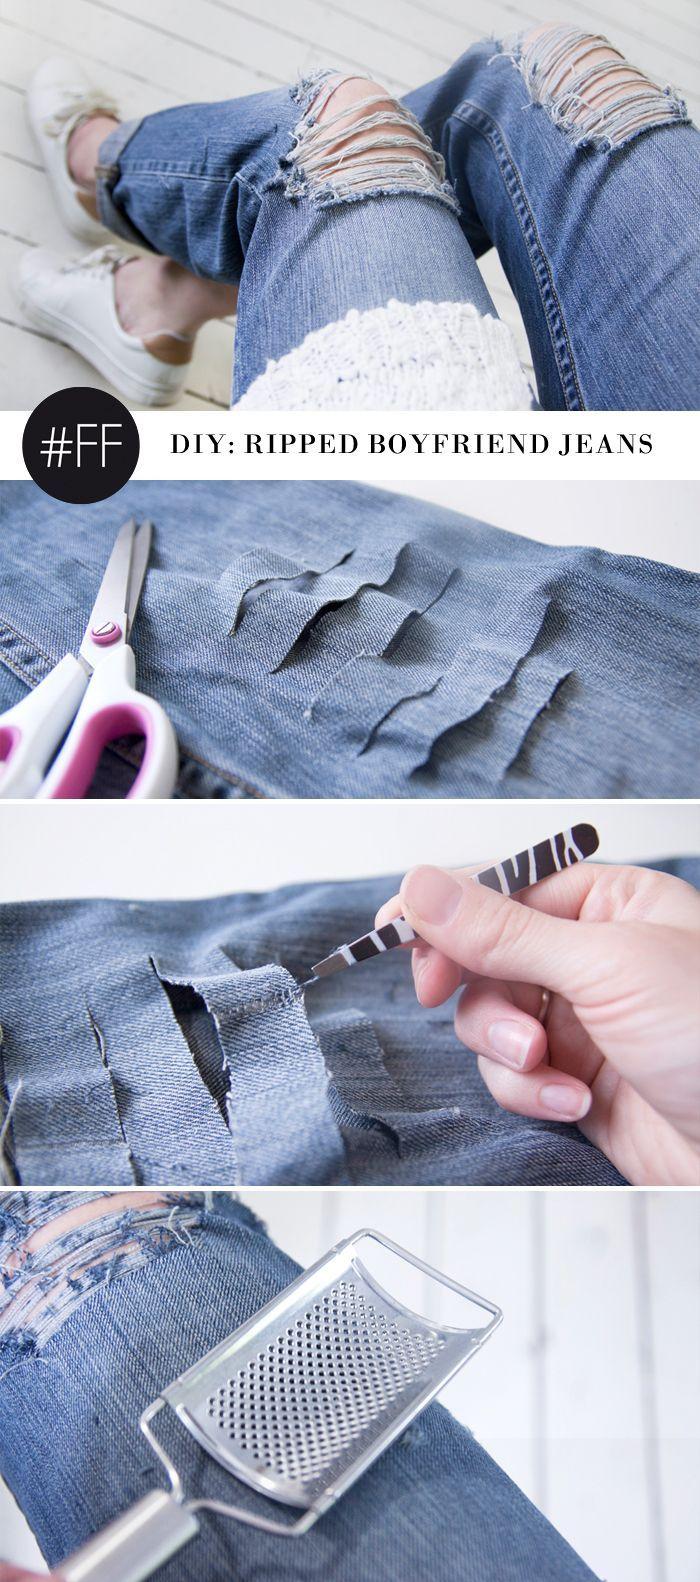 die besten 25 diyzerrissene jeans ideen auf pinterest diy jeans jeans peinigen und. Black Bedroom Furniture Sets. Home Design Ideas